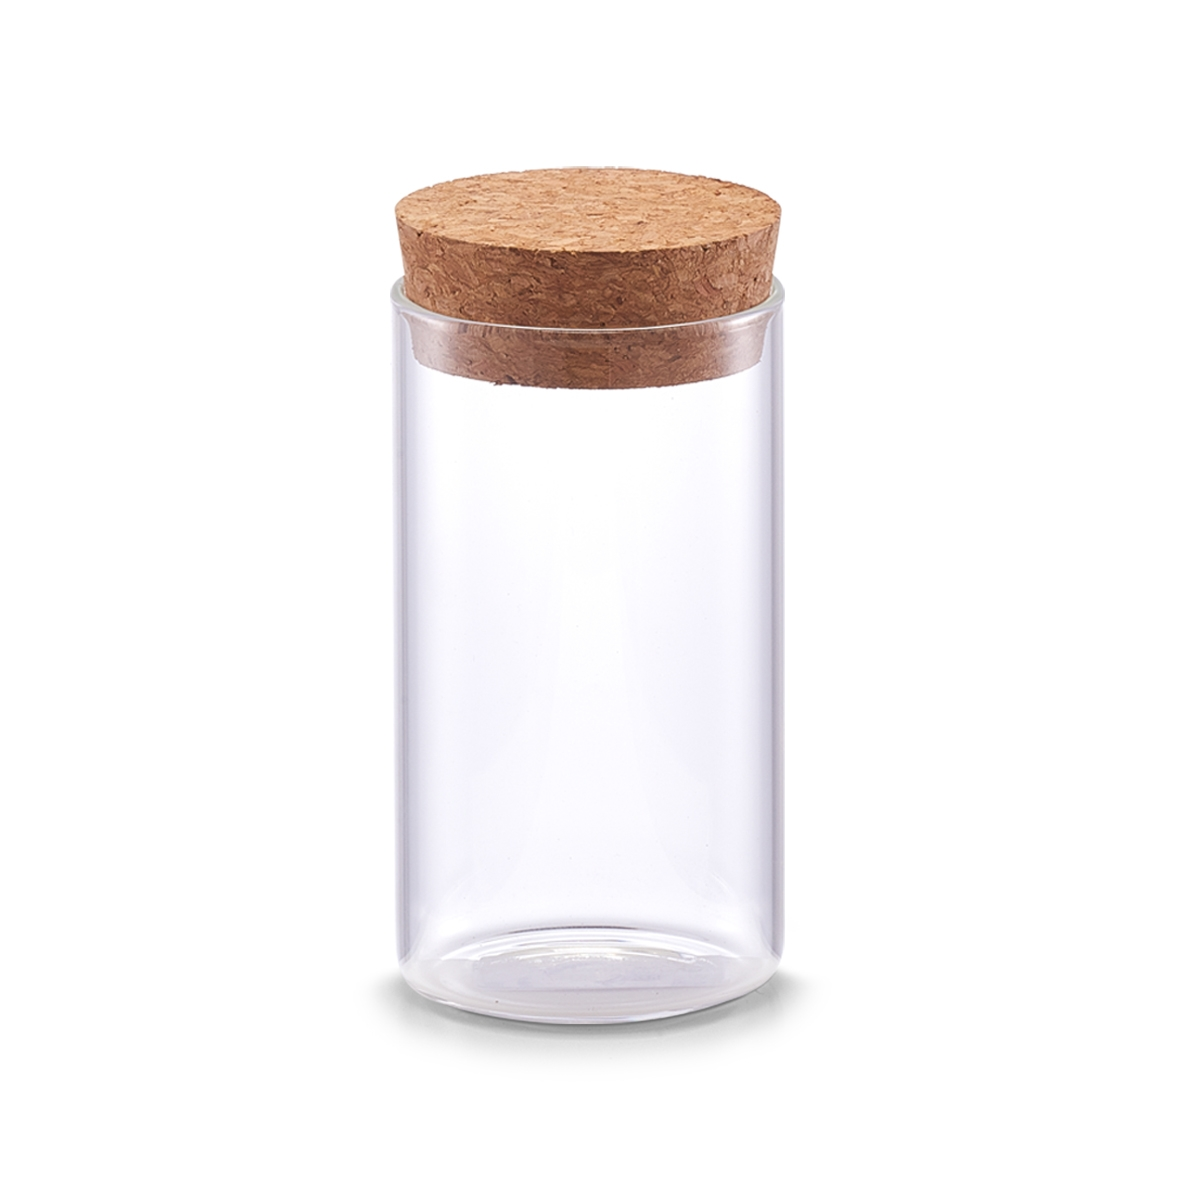 Borcan pentru depozitare cu capac din pluta, Transparent Glass, 175 ml, Ø 5,5xH10 cm( 473443)